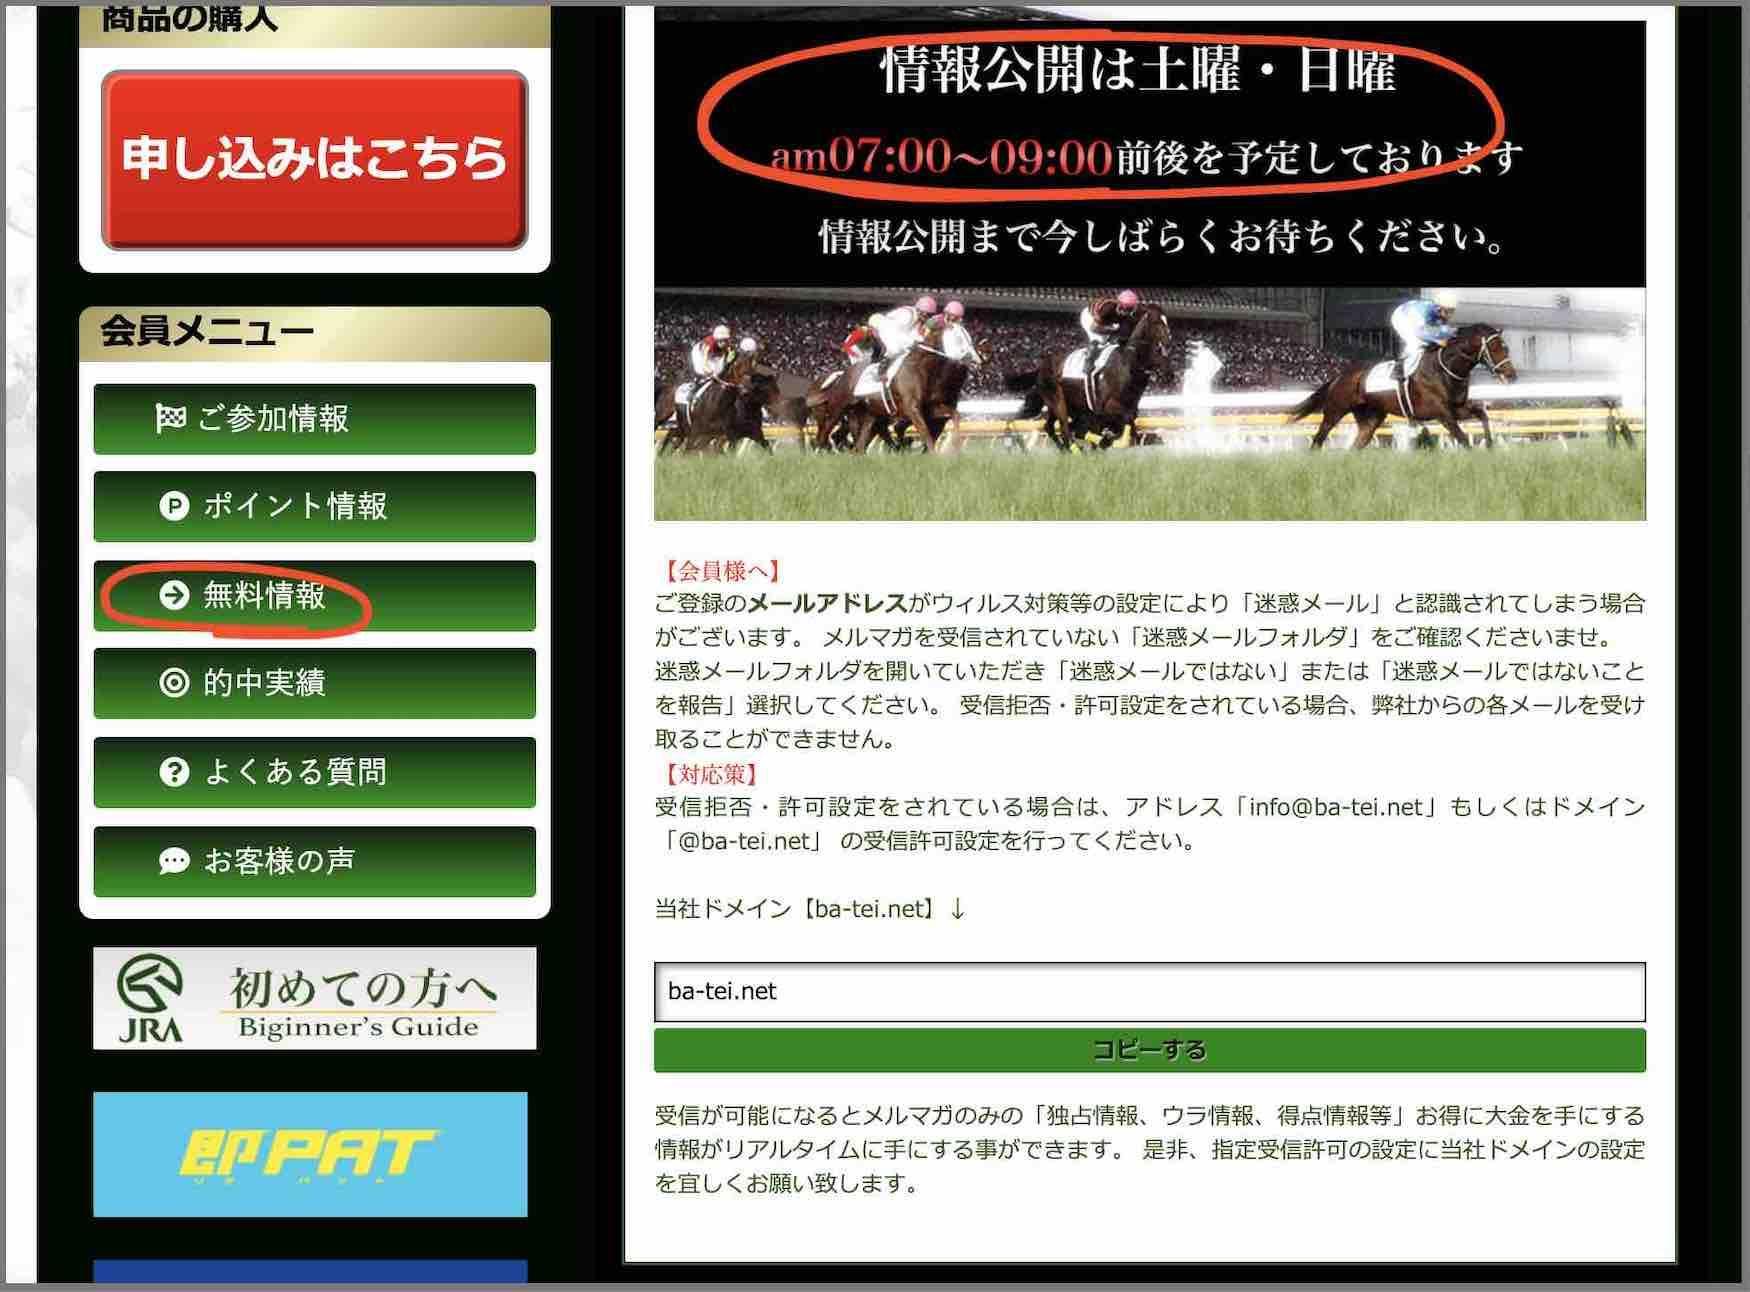 馬蹄という競馬予想サイトの無料予想(無料情報)はまだのようだ